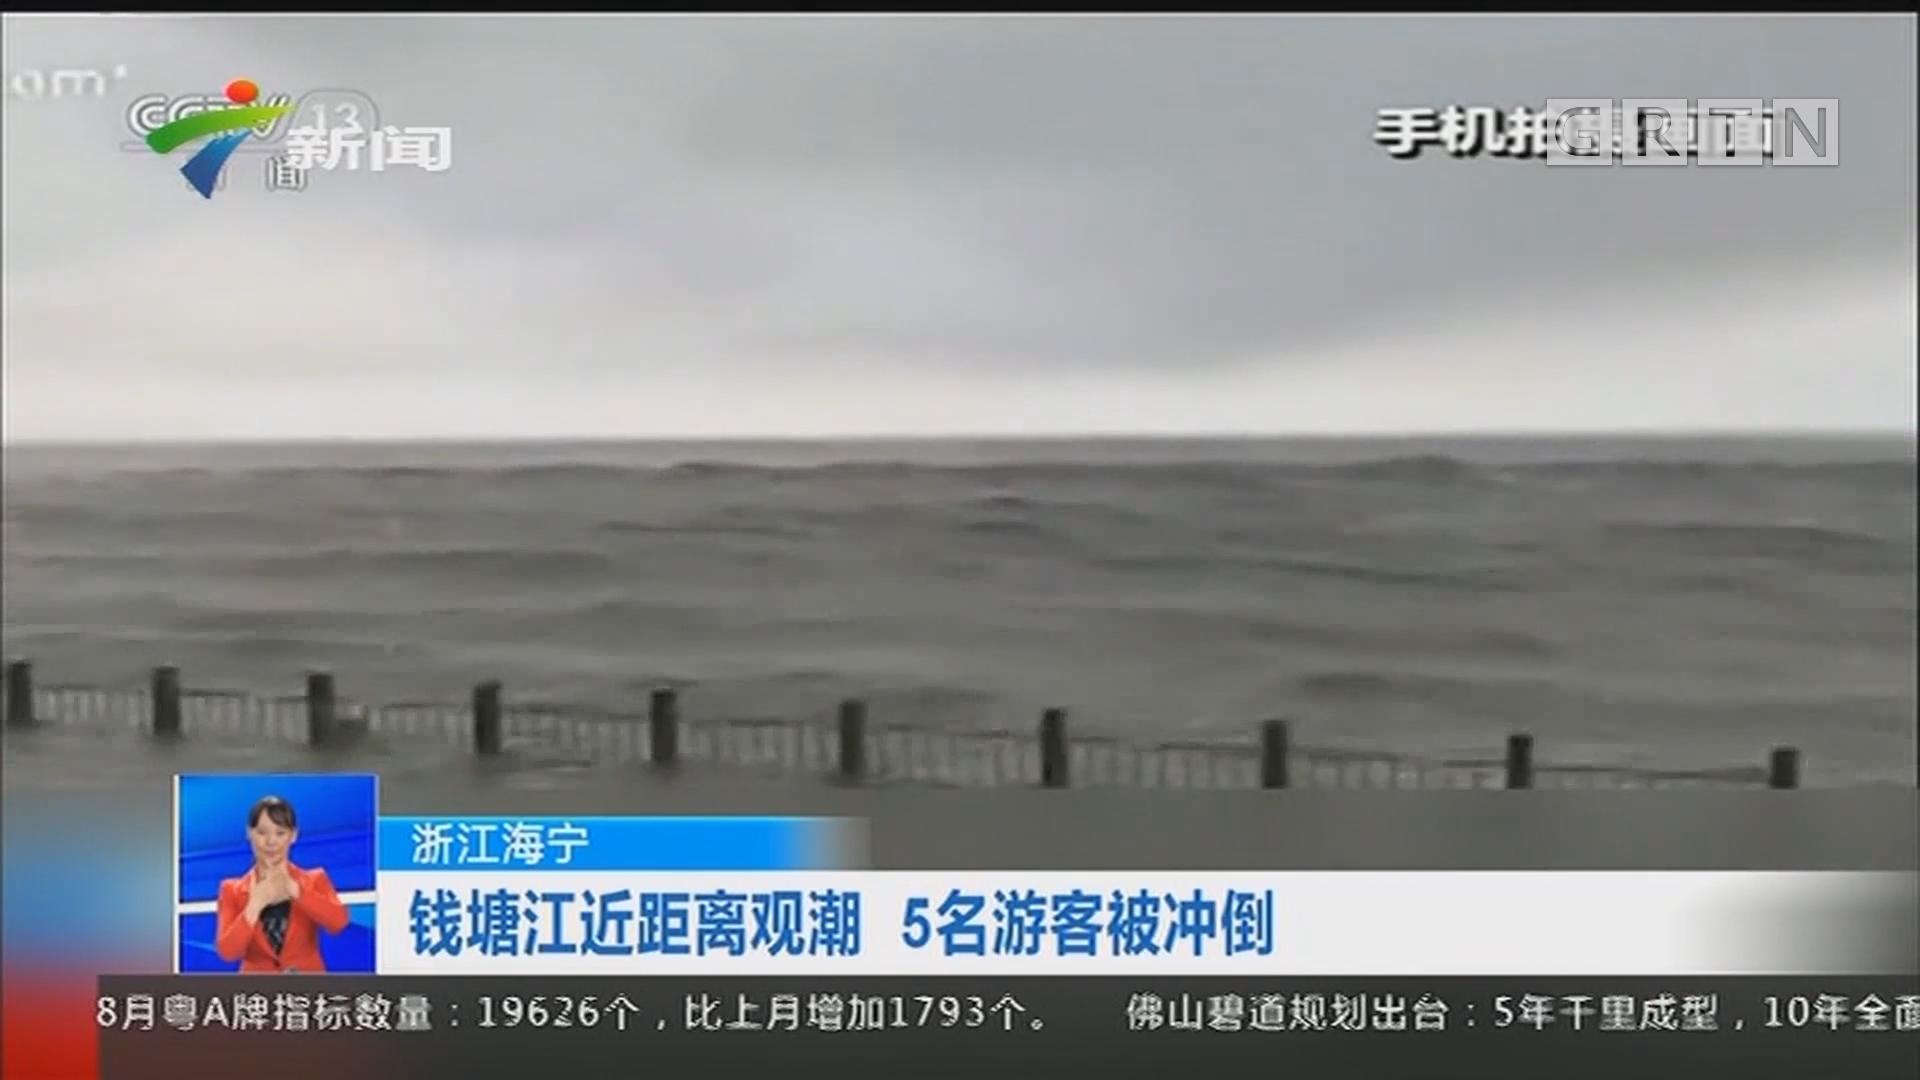 浙江海宁:钱塘江近距离观潮 5名游客被冲倒